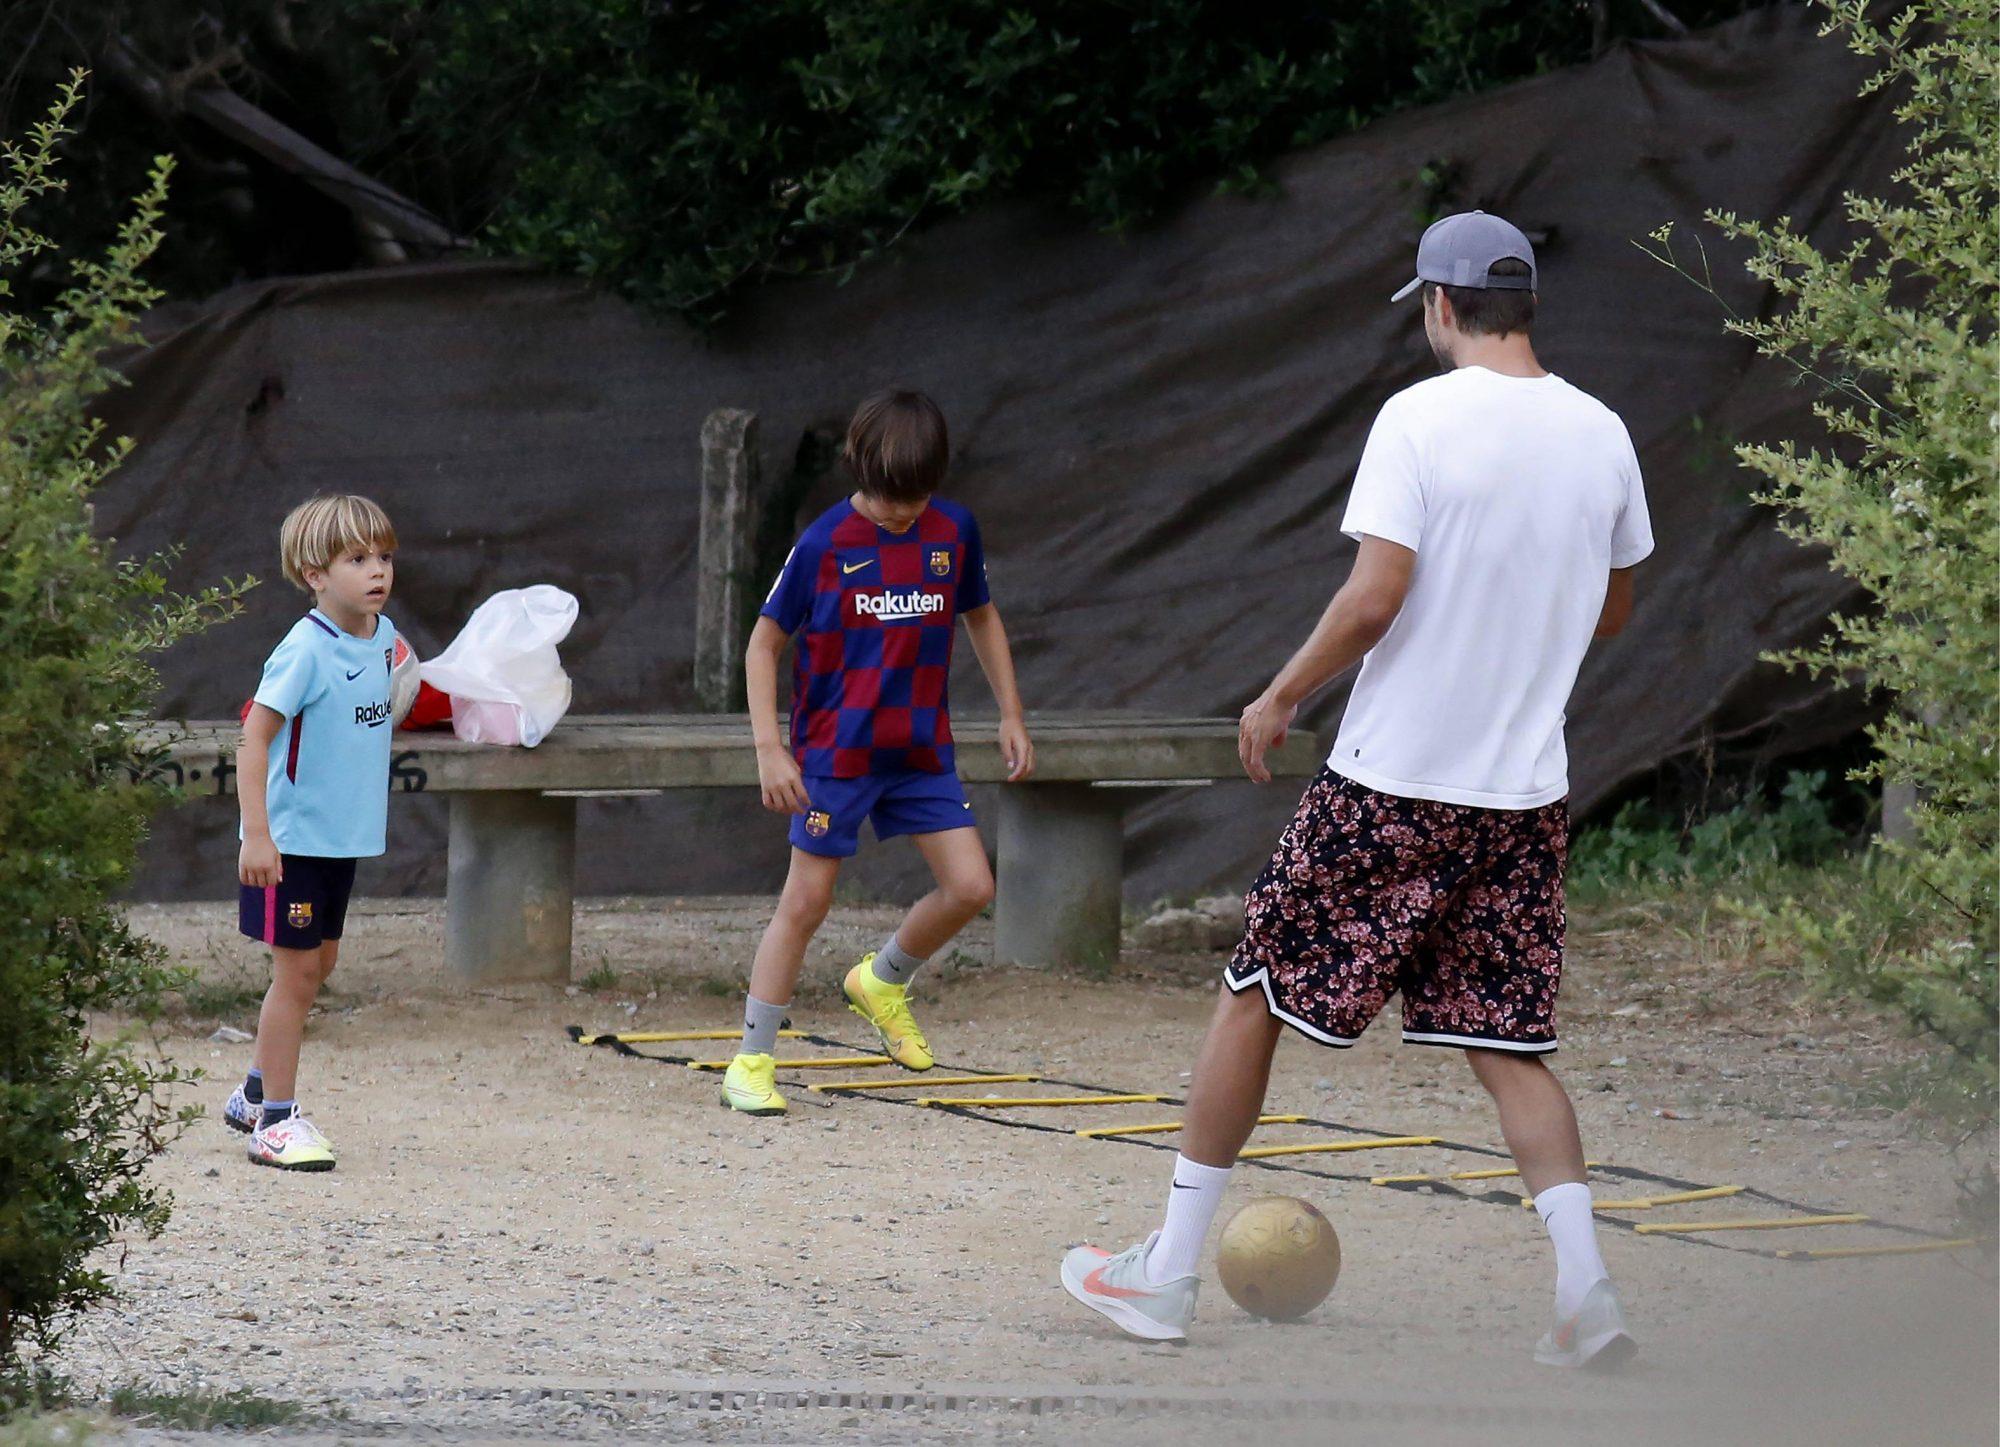 gerard pique con hijos jugando futbol barcelona